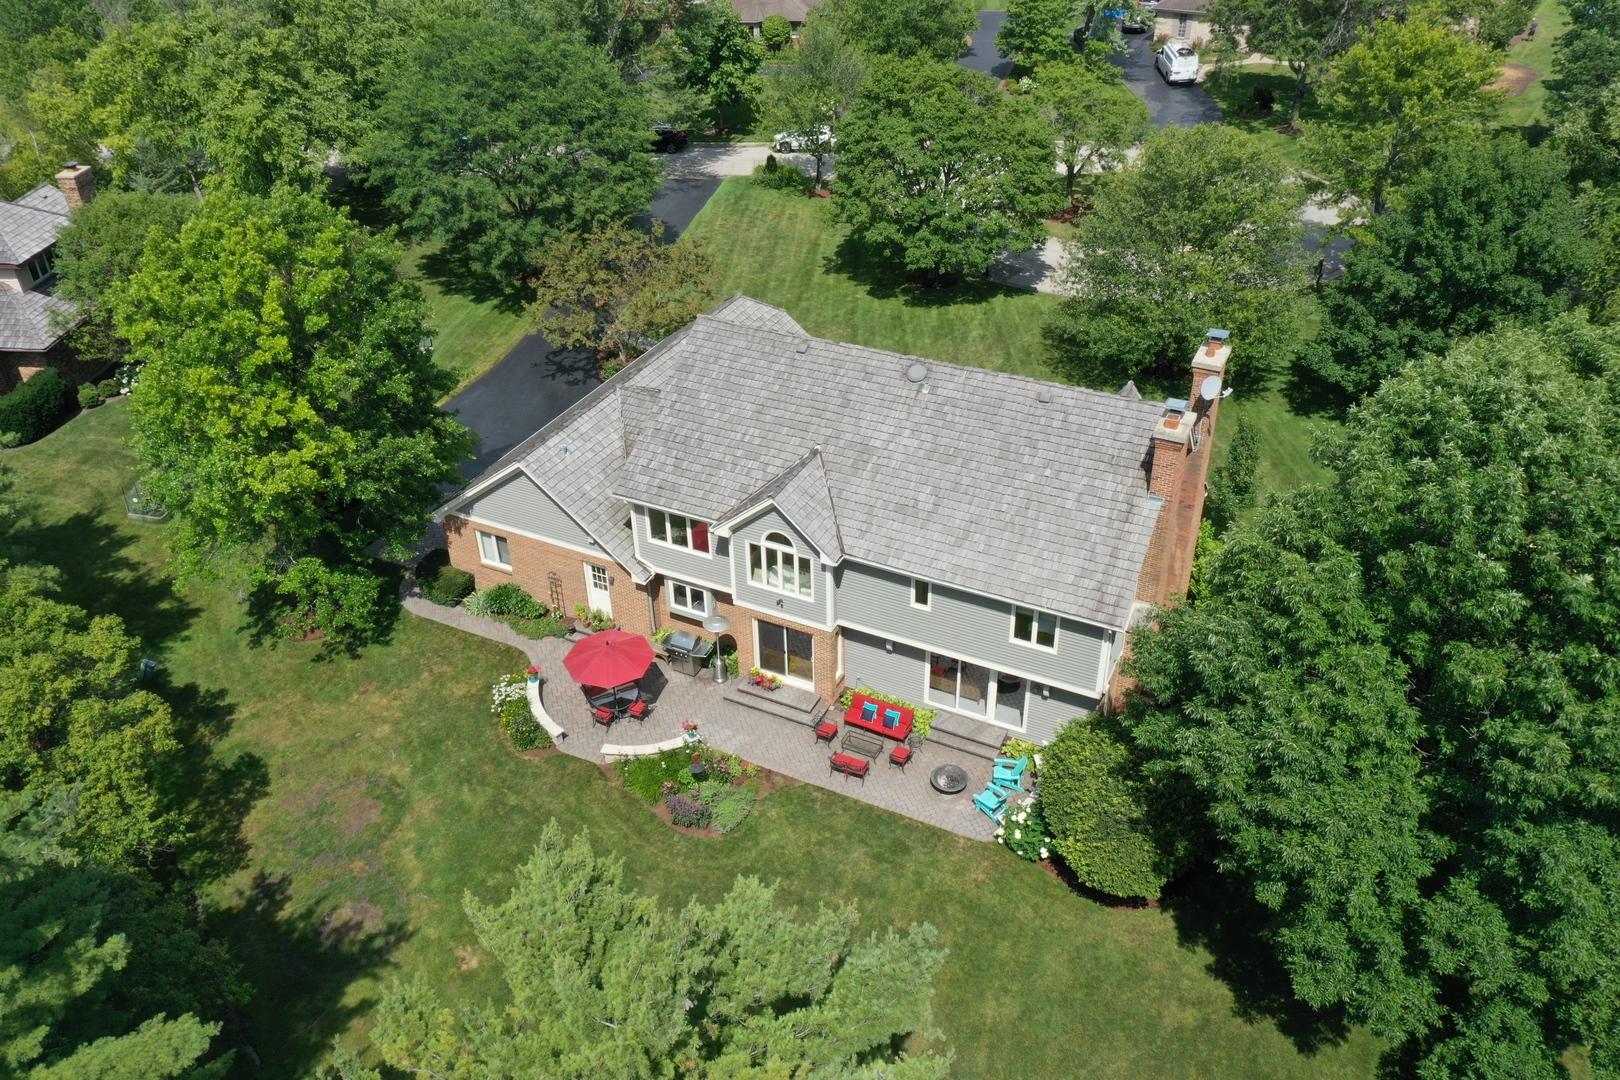 3 West Honeysuckle, Lake Forest, Illinois, 60045